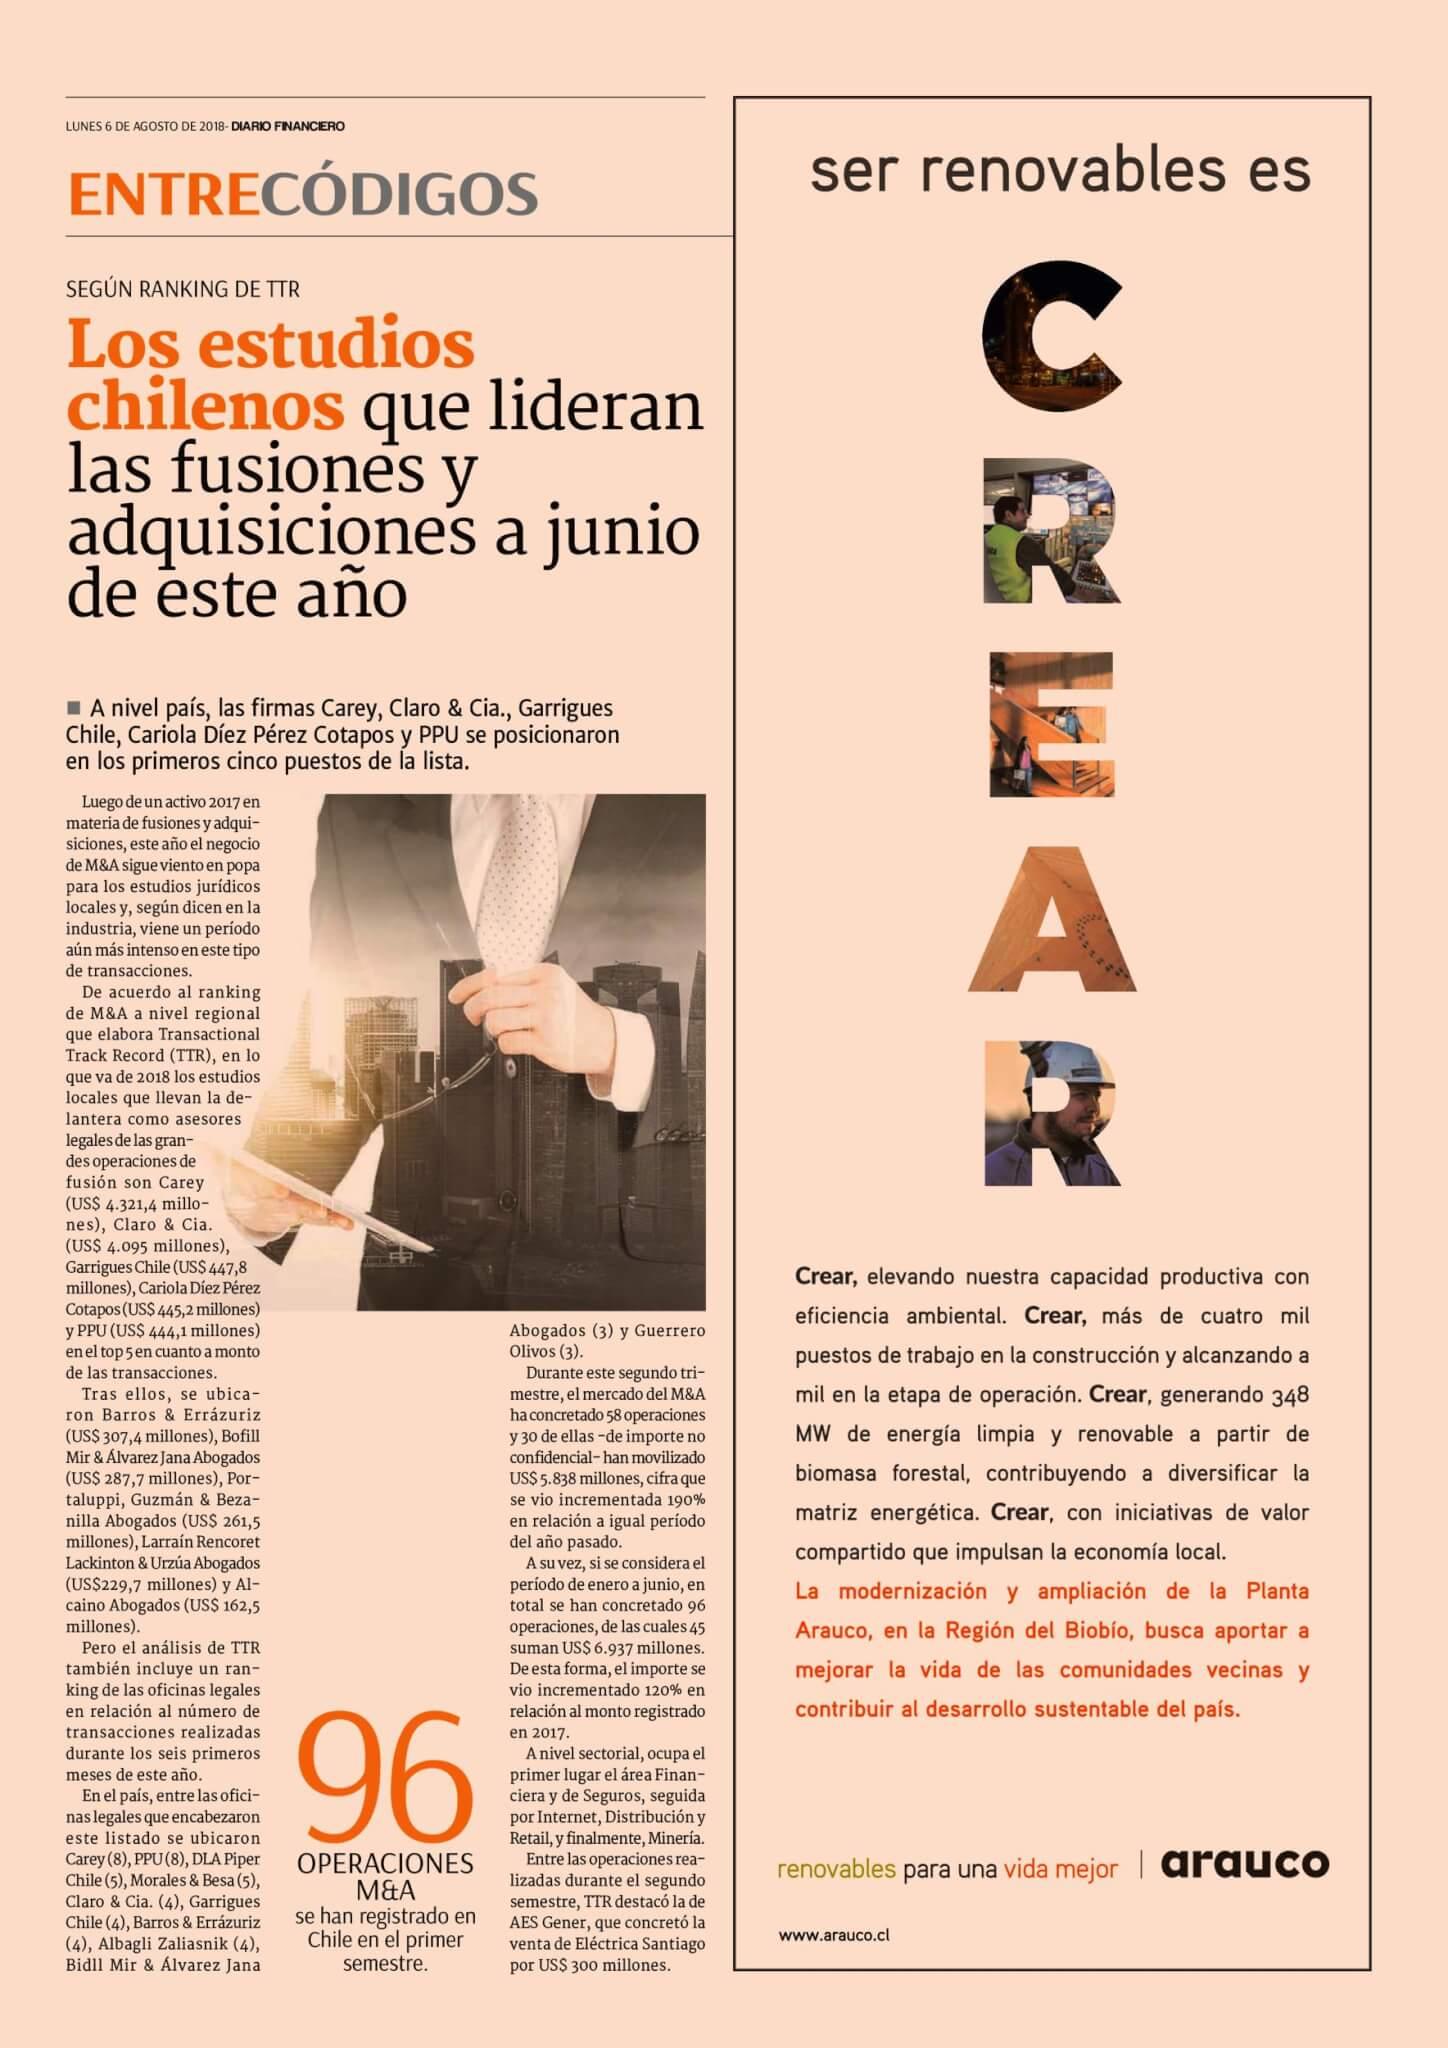 Diario Financiero - Entre Códigos - TTR